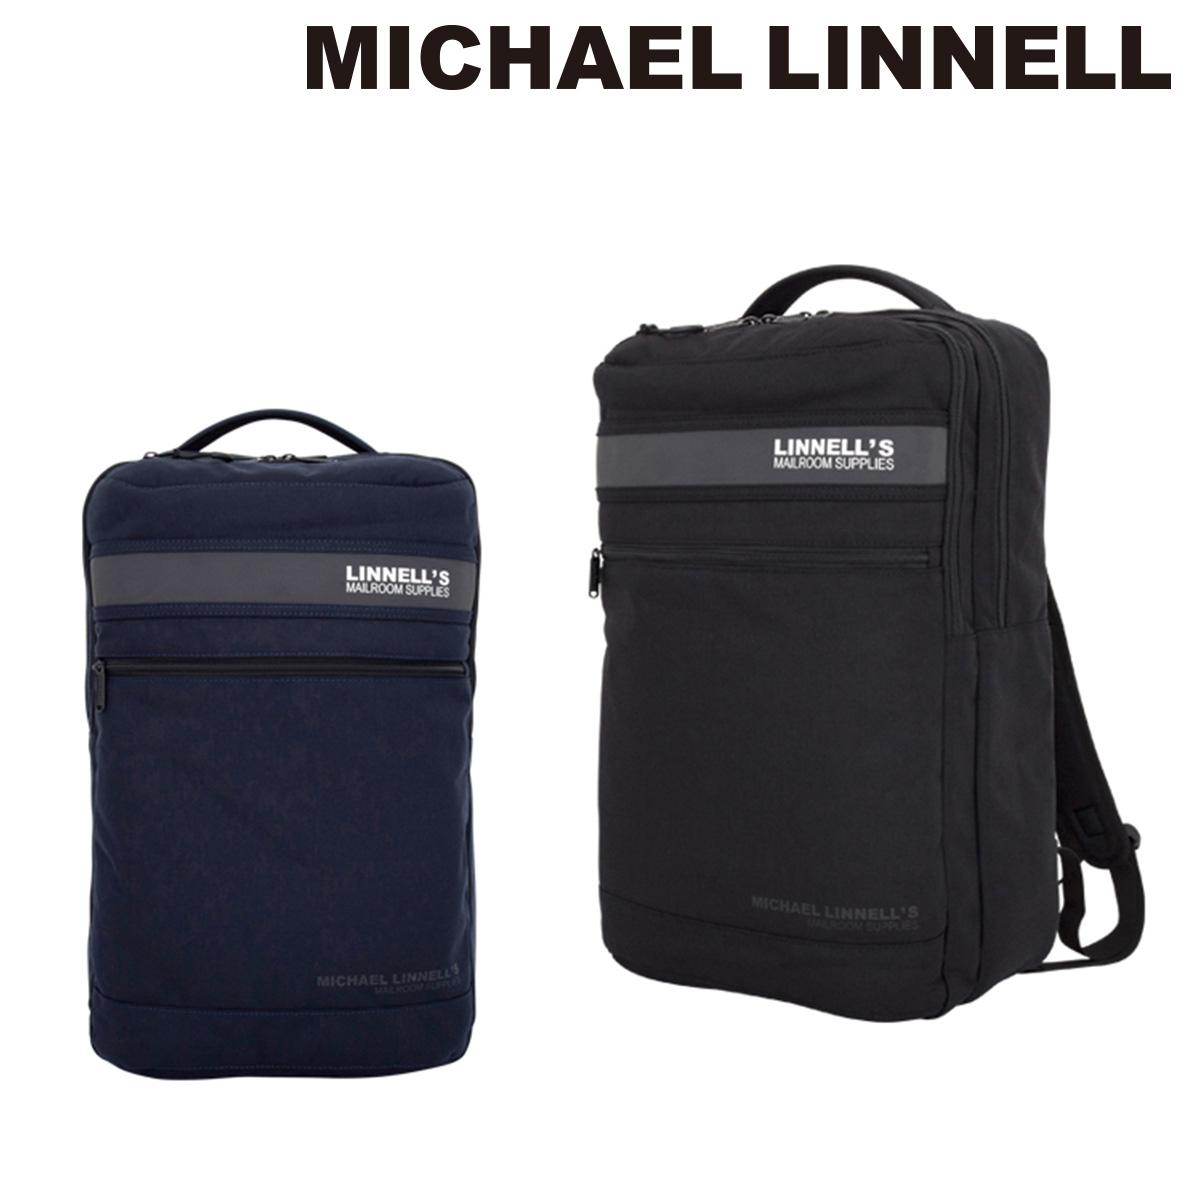 マイケルリンネル MICHAEL LINNELL リュック MLCD-1000 【 リュック コーデュラナイロン リフレクター メジウムプリント ビジネス 】【bef】